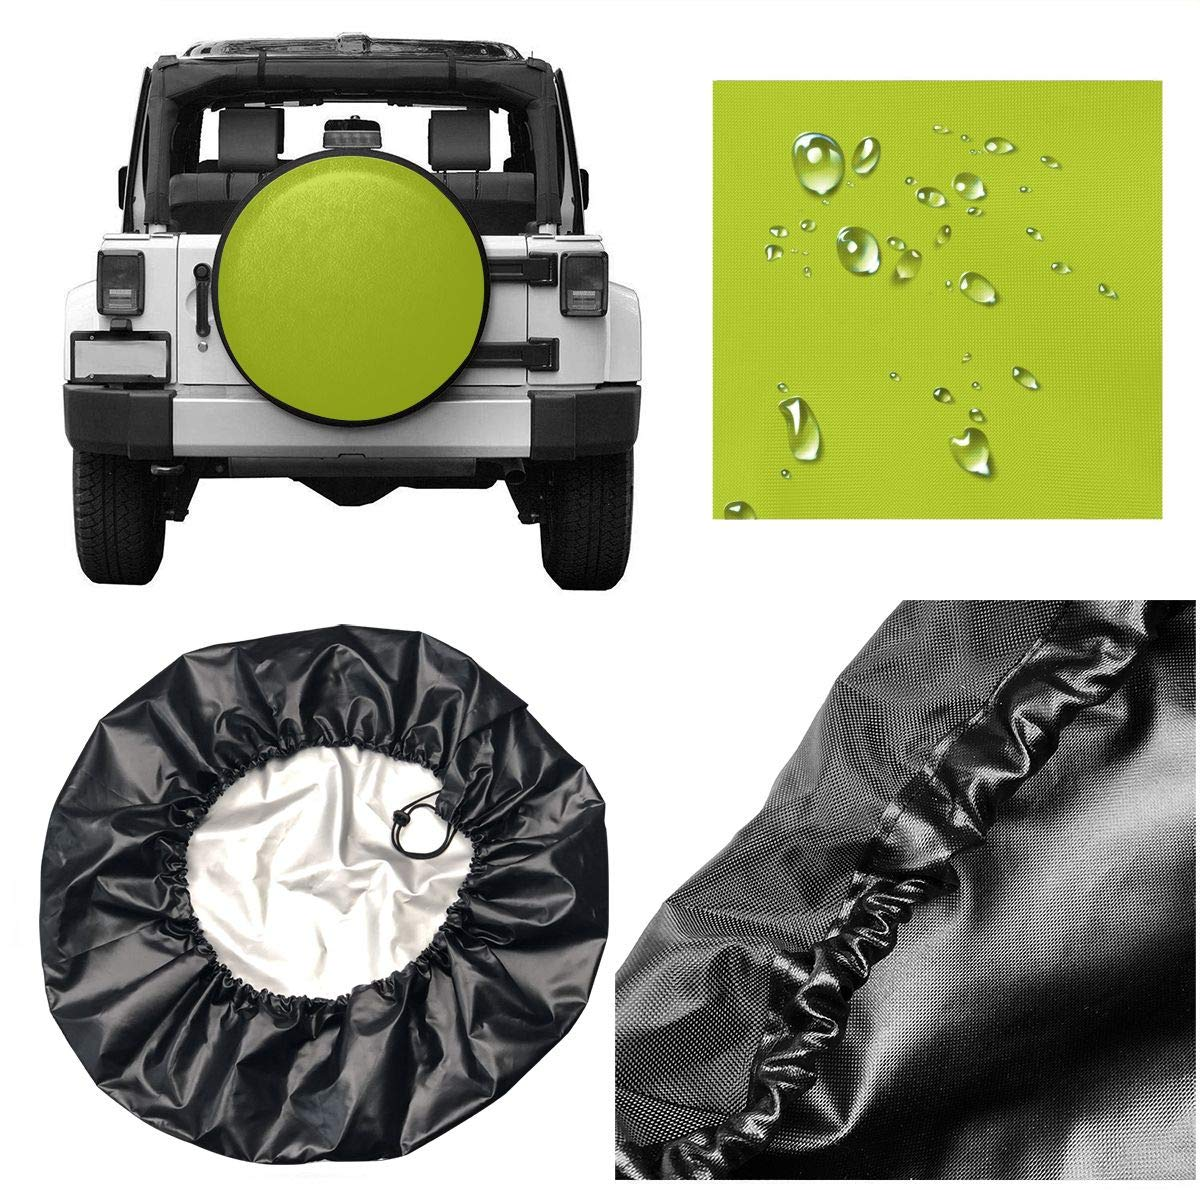 les SUV remorques v/éhicules de loisirs Enjoliveur les camions et de nombreux v/éhicules housse de roue de secours Kermit la grenouille fixant la housse de pneu de remorque Camper Rvs pour Jeep